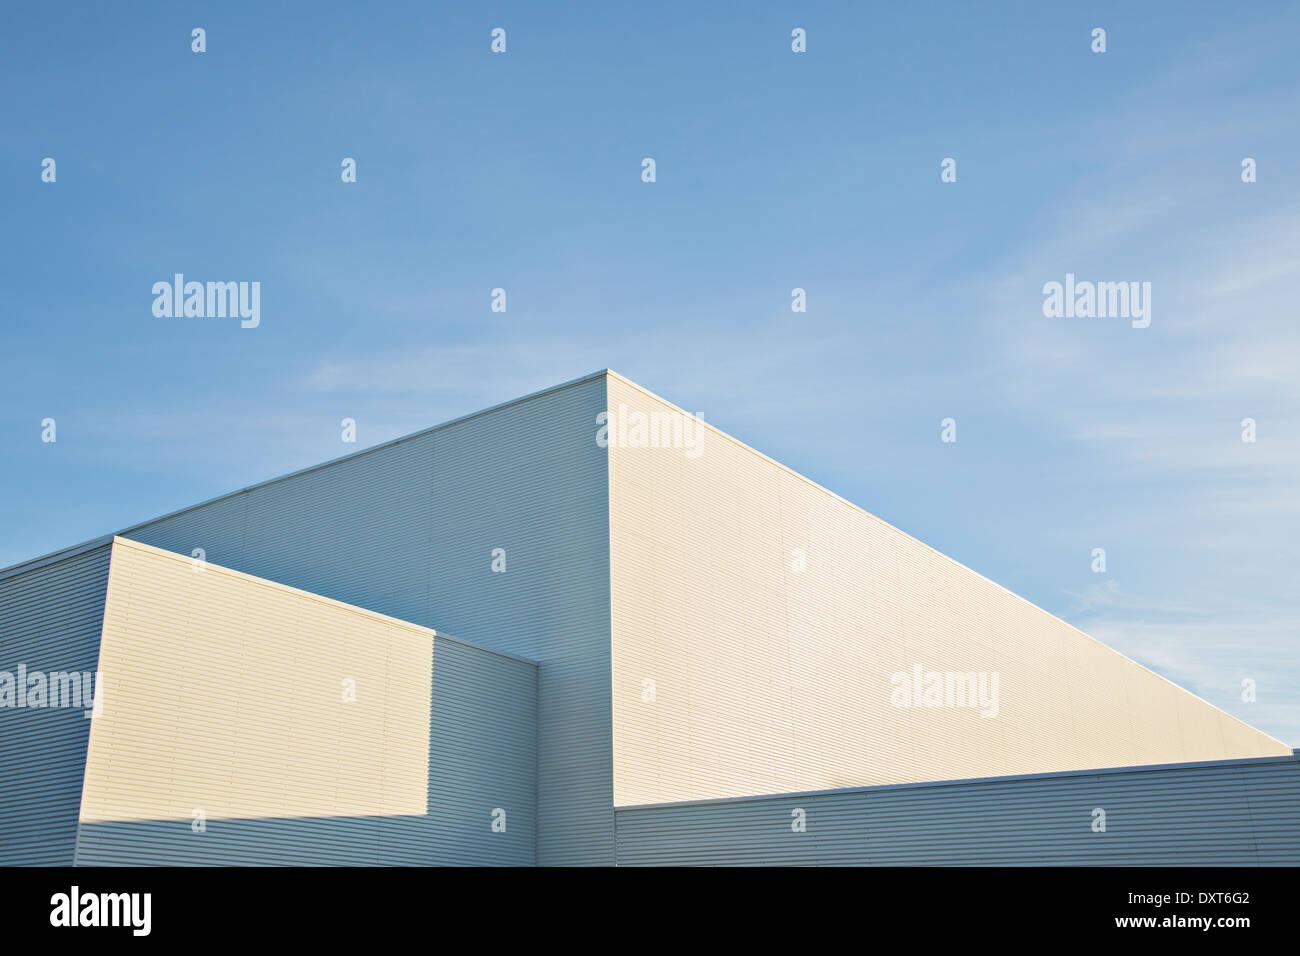 Soleil qui brille sur les bâtiments contre le ciel bleu Photo Stock